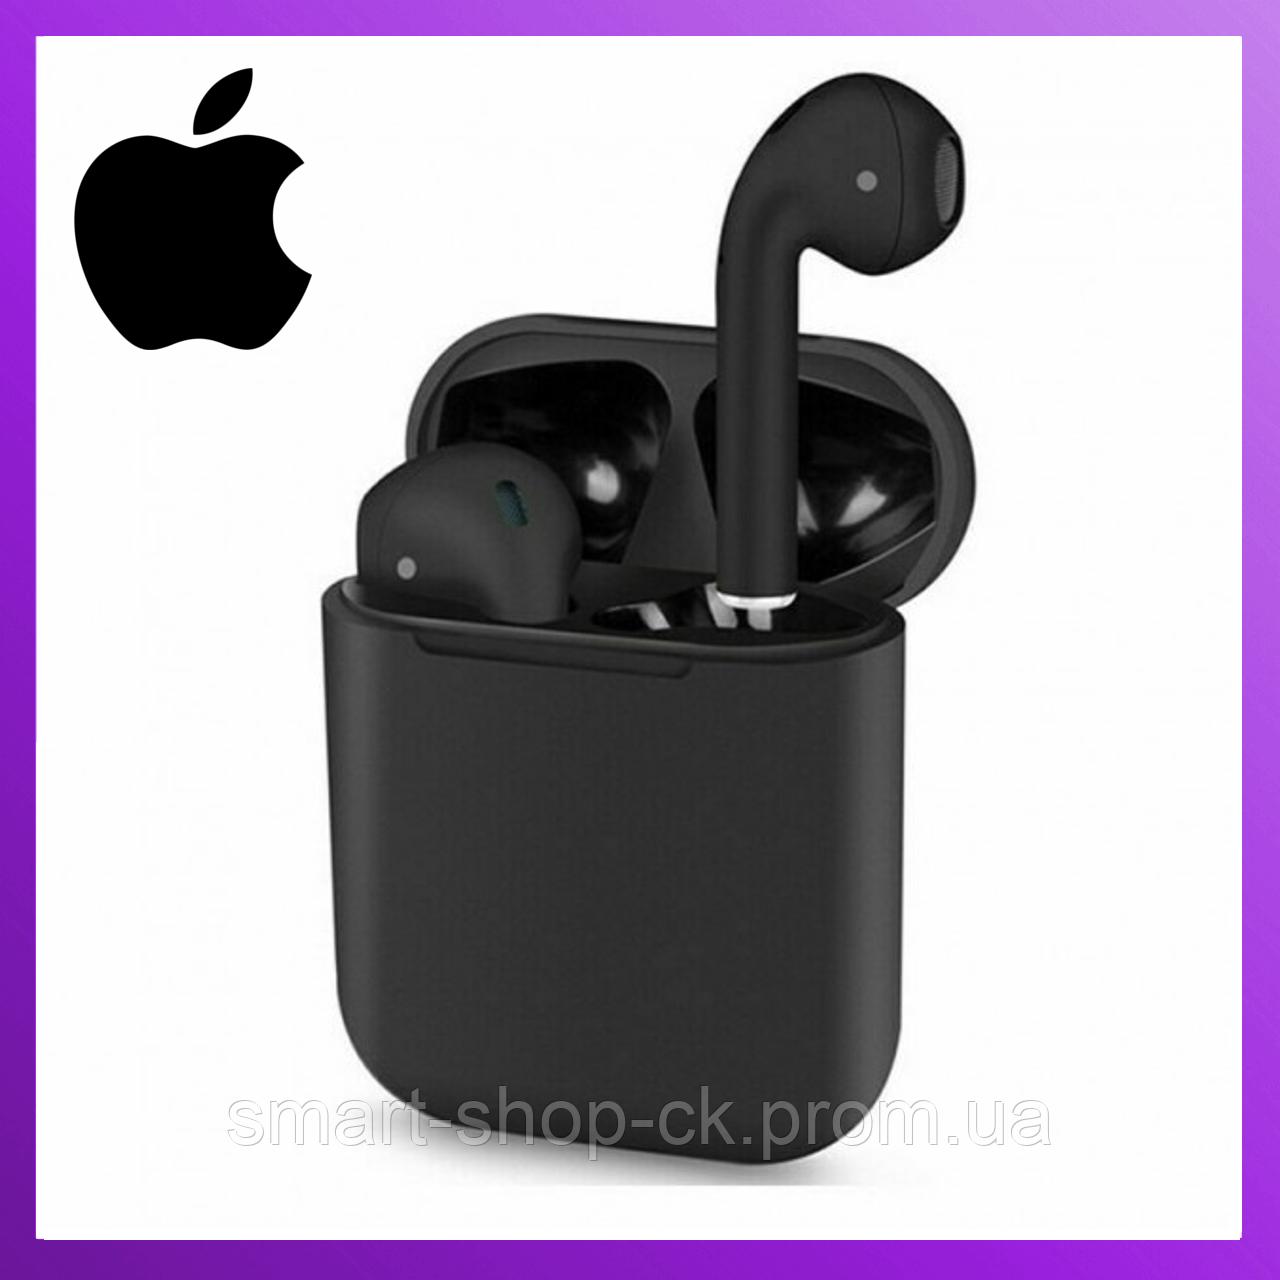 Беспроводные наушники Apple Airpods i120 Black Edition, Блютус наушники Air pods, бездротові навушники Топ 11